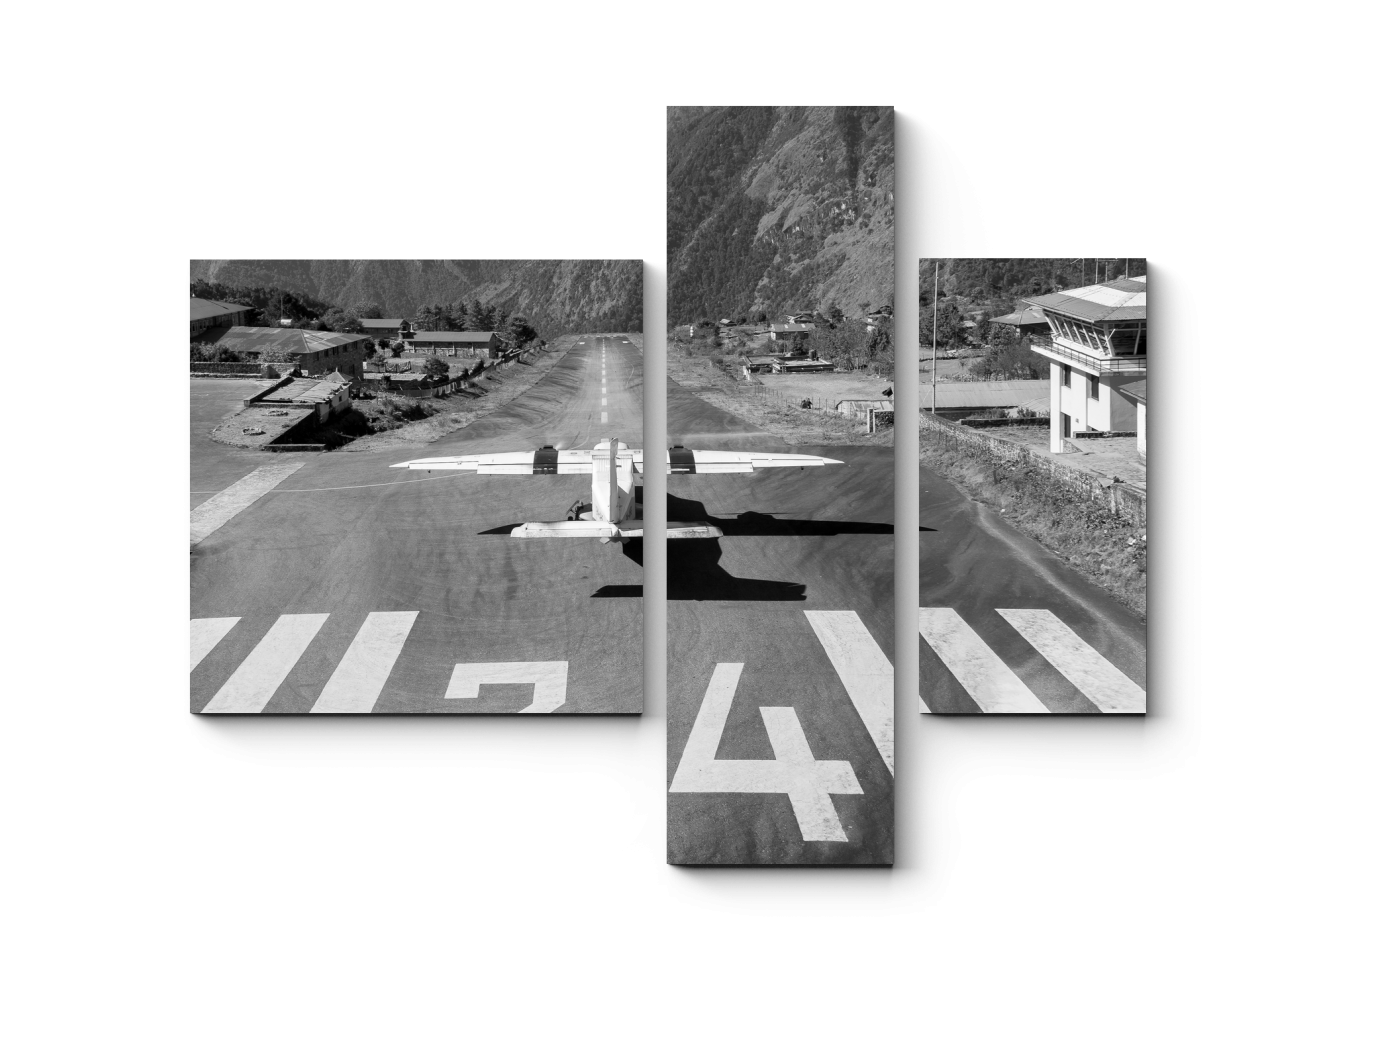 Модульная картина На взлетно-посадочной полосе (80x66) фото